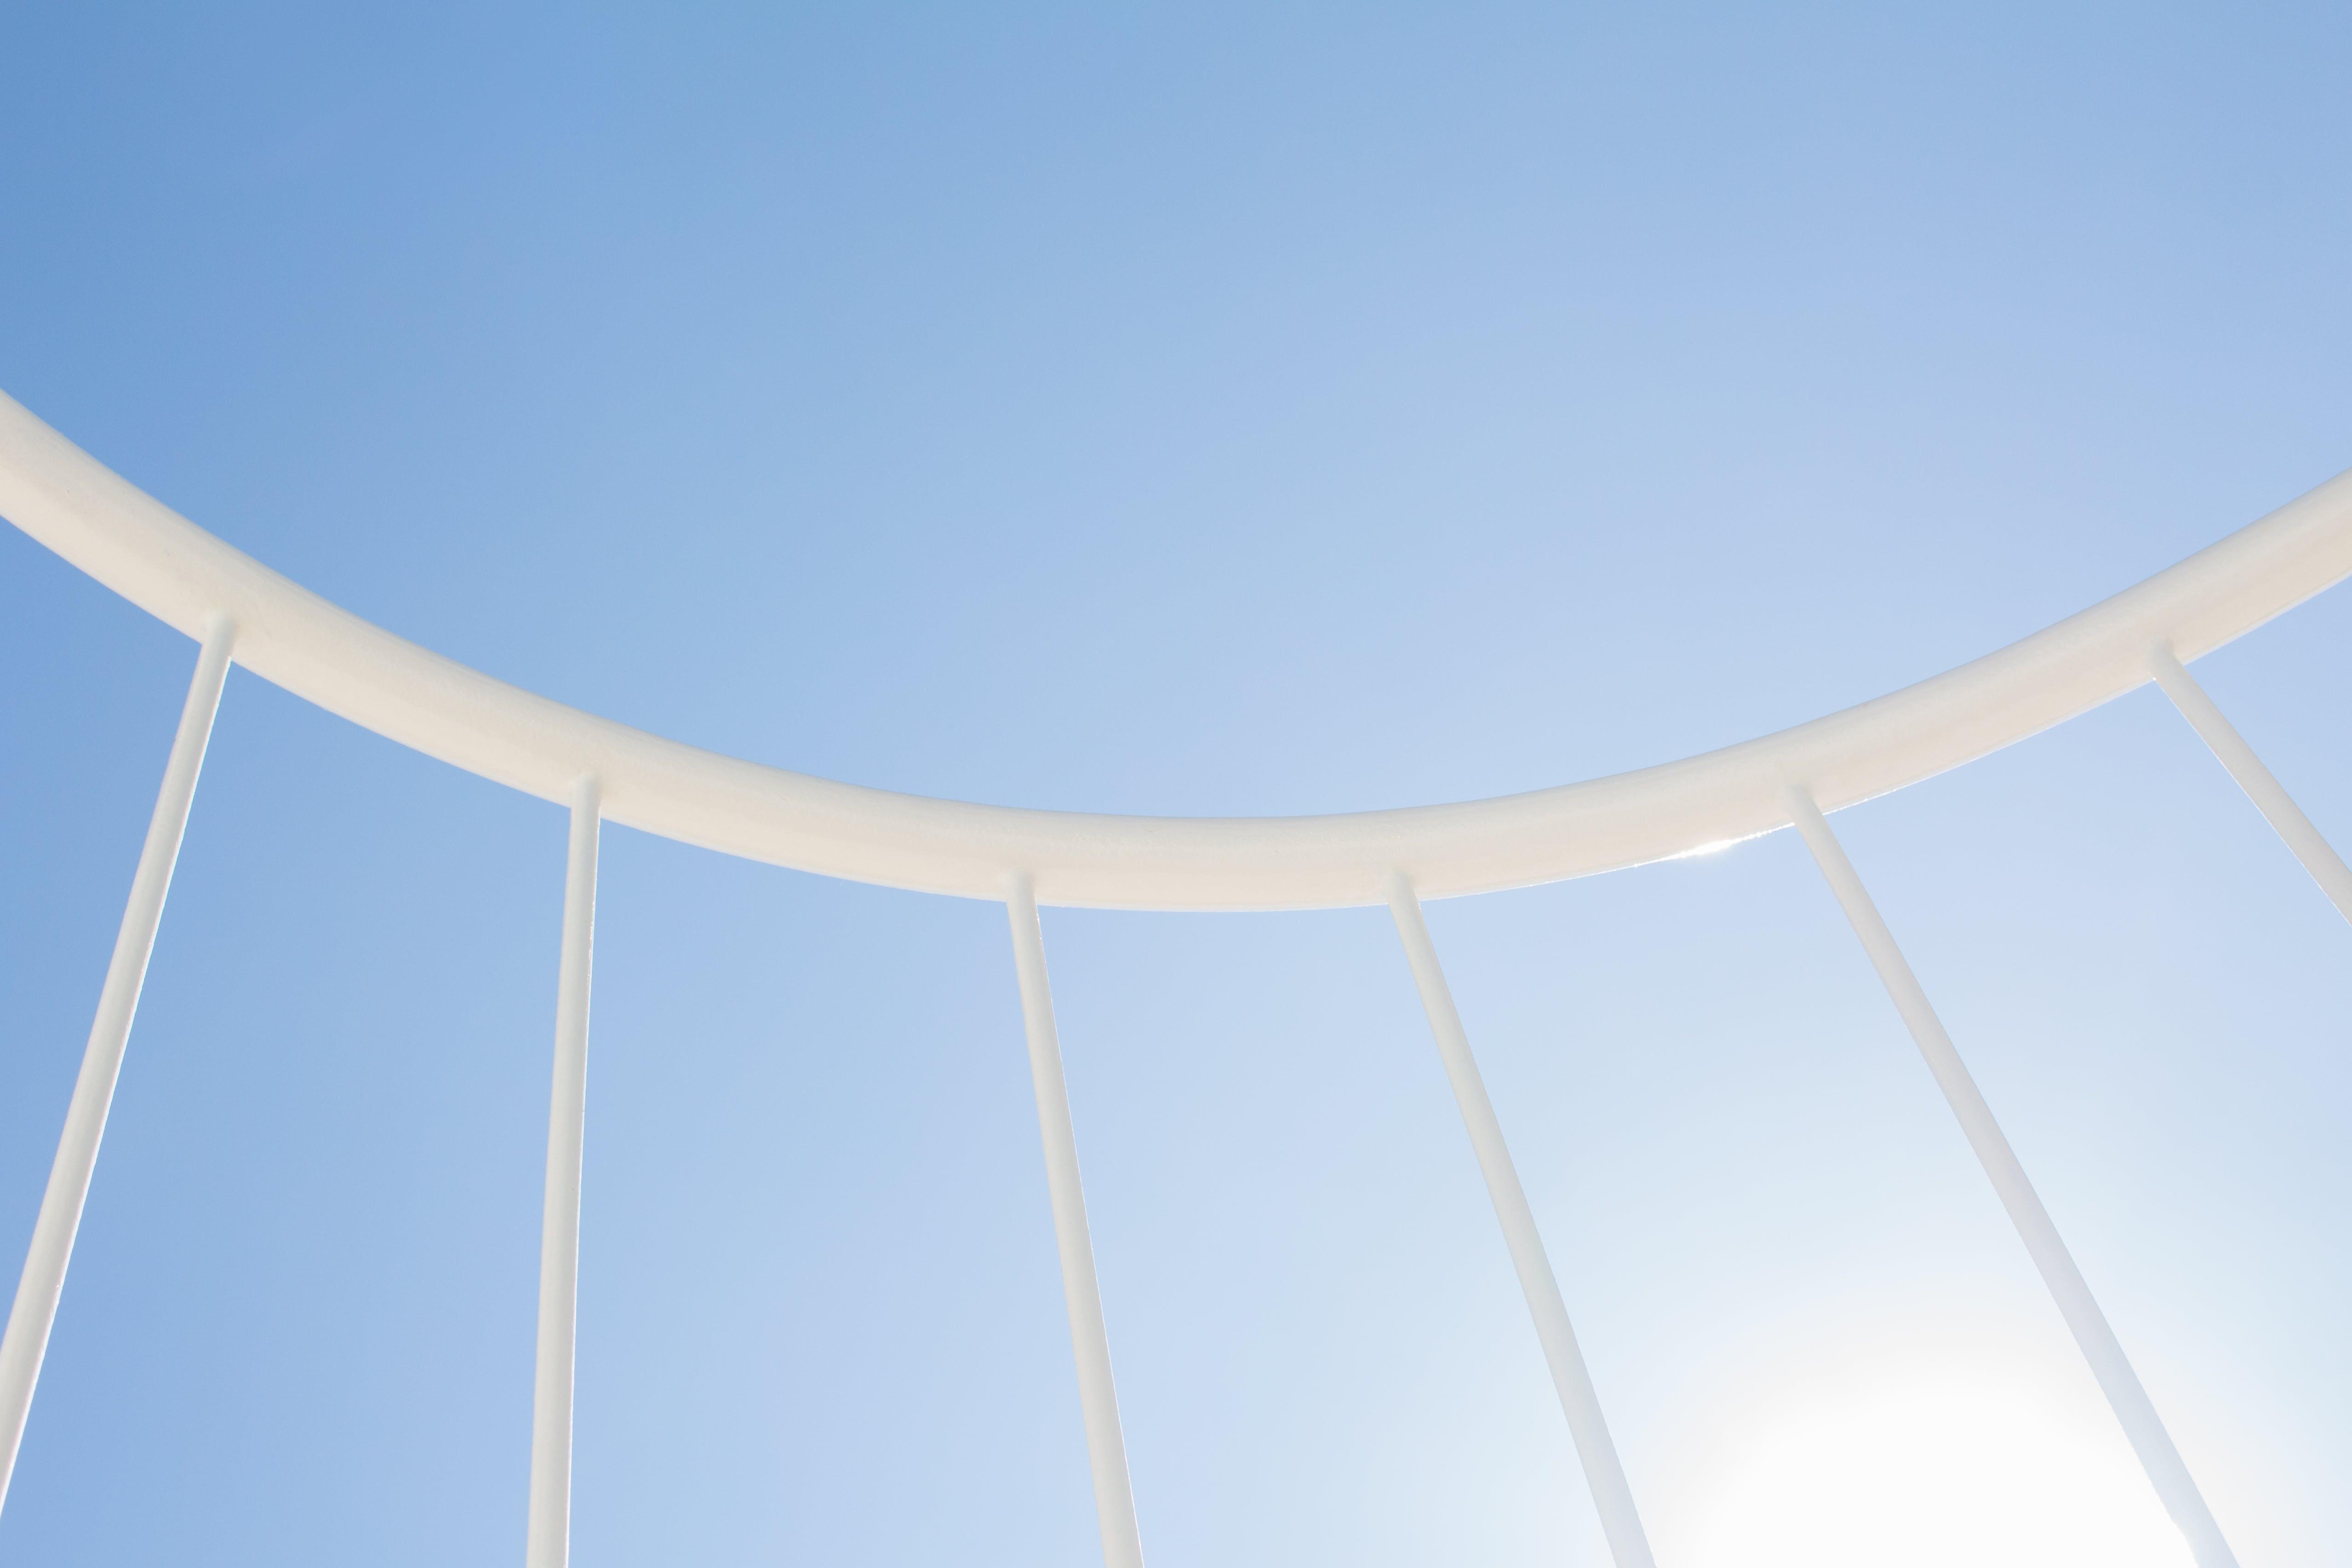 Ilmainen kuvapankkikuva tunnisteilla arkkitehtuuri, este, kaiteet, korkea